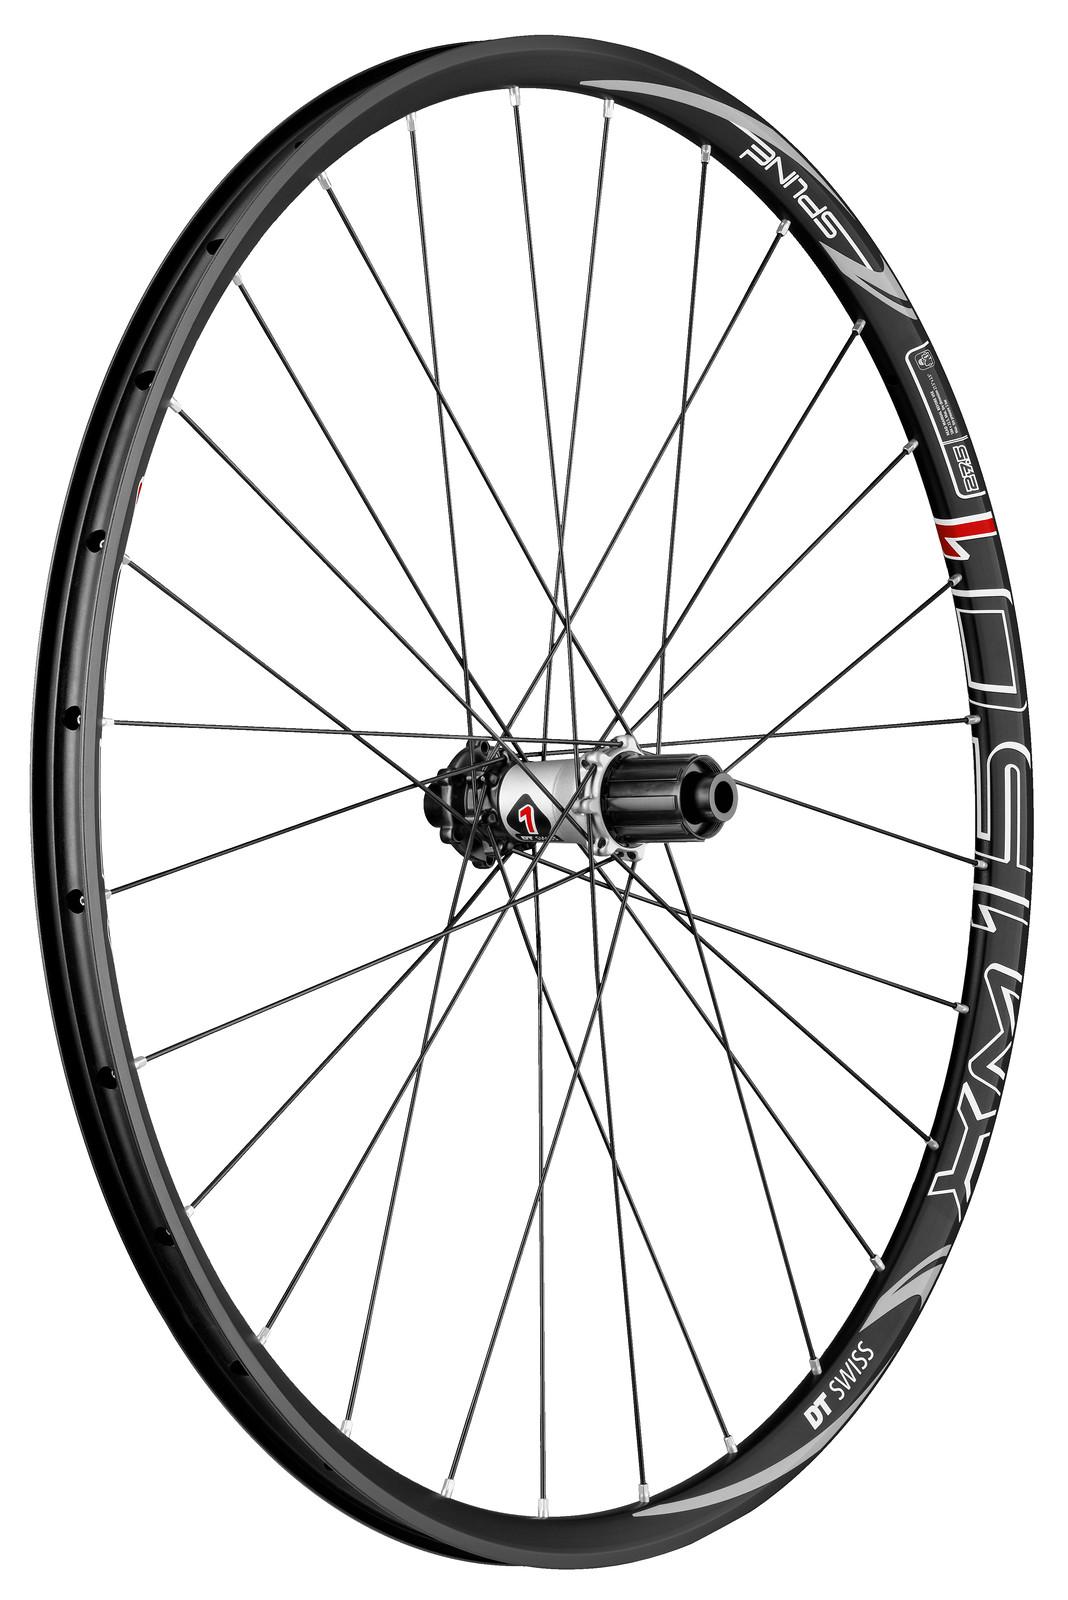 DT Swiss XM1501 Spline ONE 27.5 Complete Wheel PHO_XM_1501_SPLINE_ONE_27.5_BLACK_TA_12_142_RW_RGB